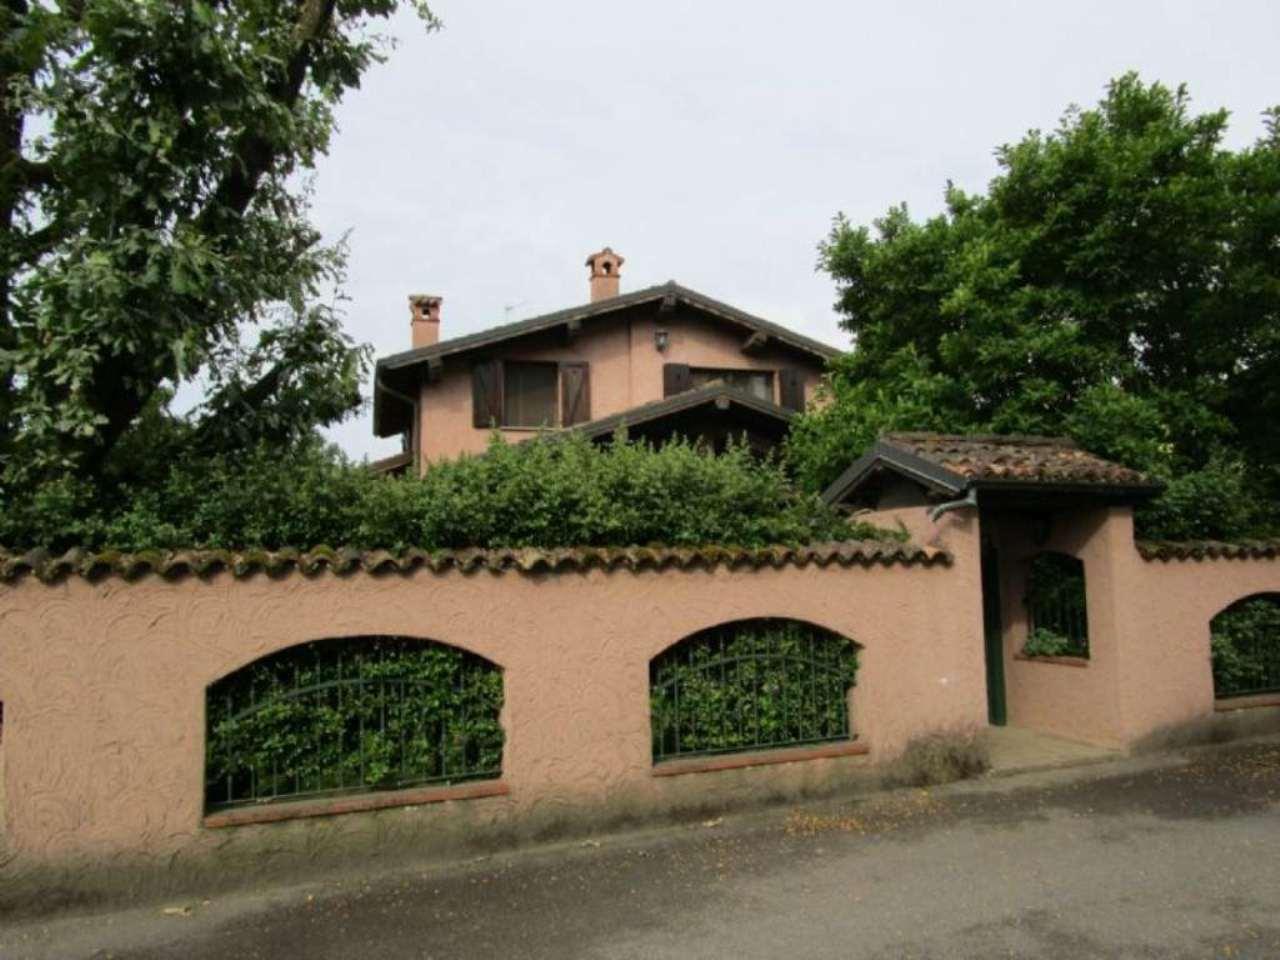 Villa in Vendita a Motta Visconti